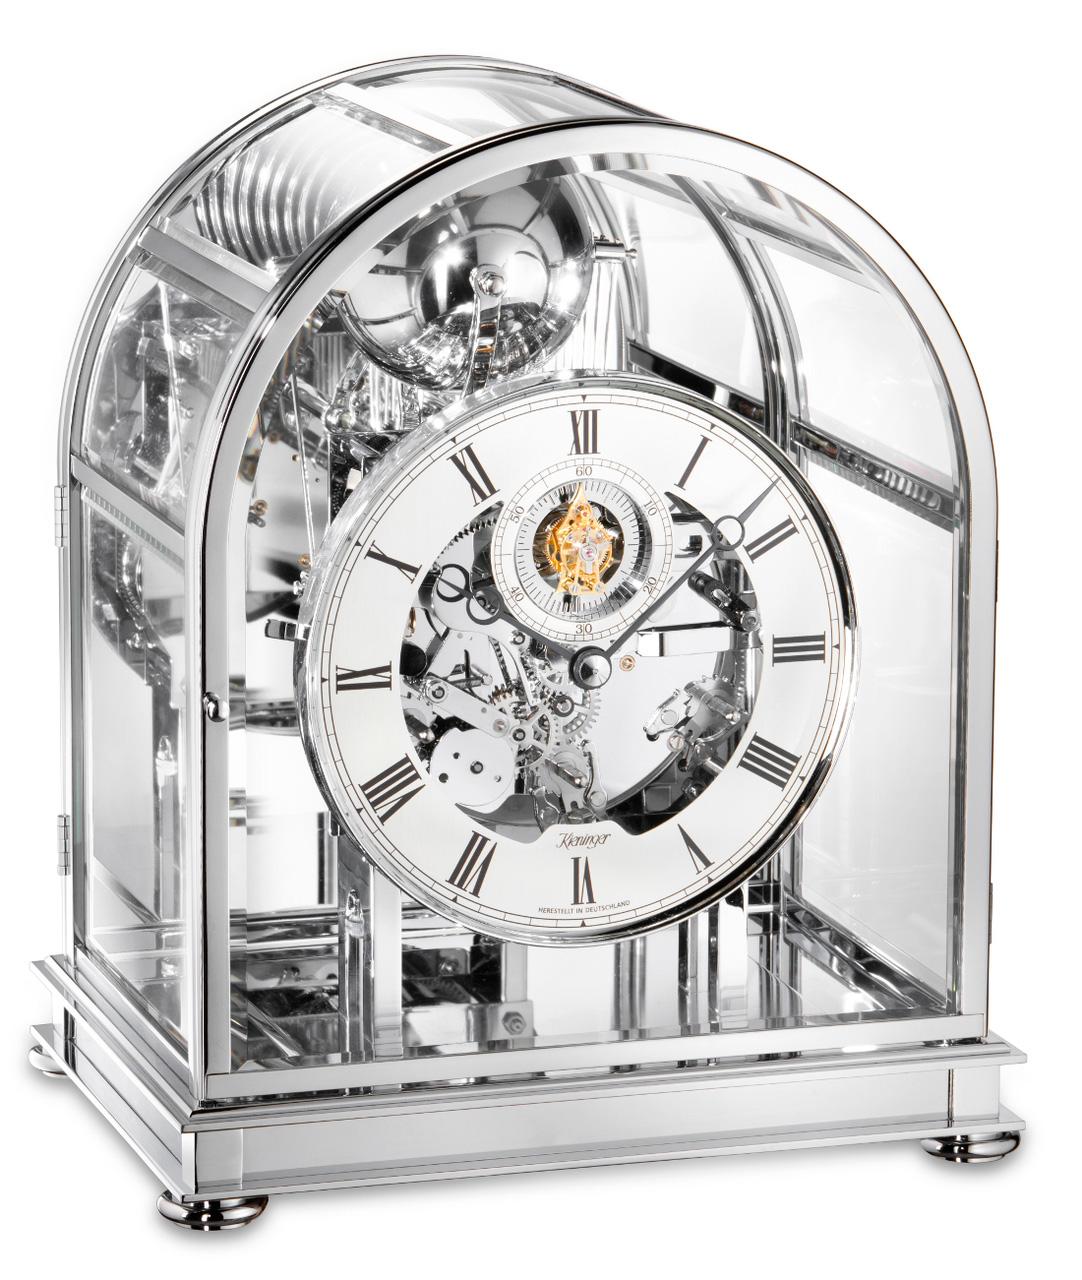 Часы дорогие настольные вашерон оригинал стоимость константин часы